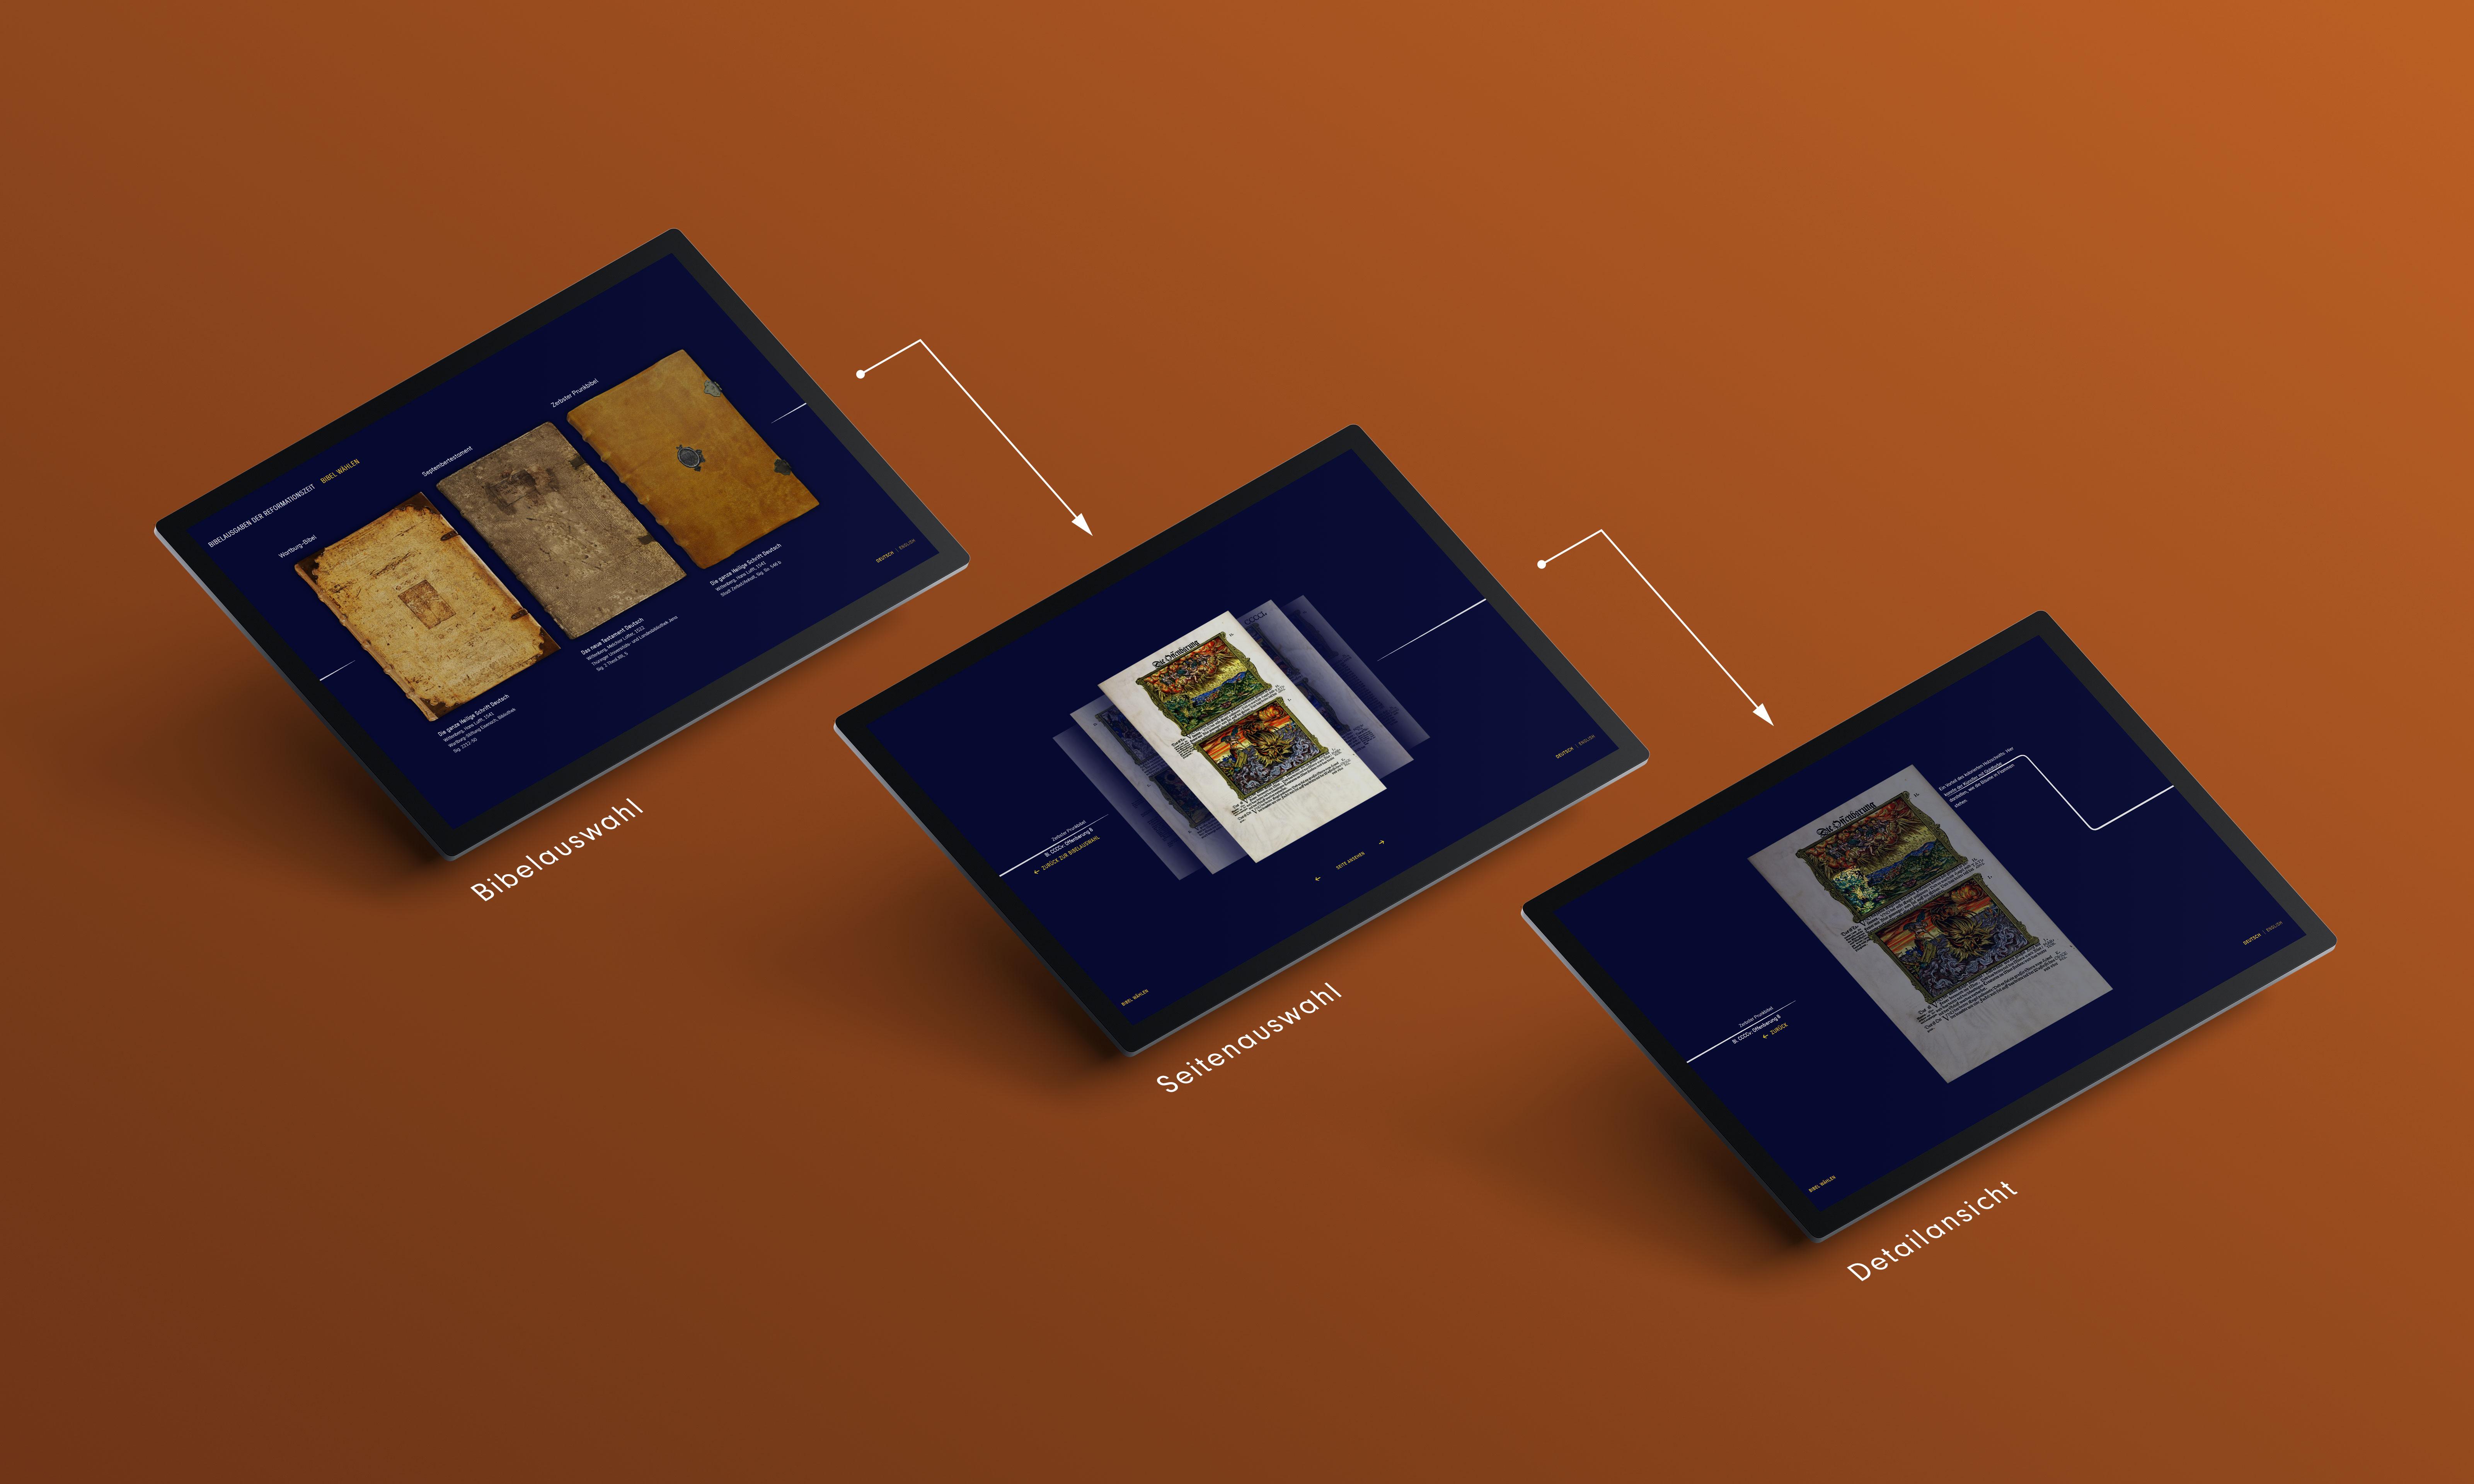 3 Touchscreens auf braunem Hintergrund mit jeweiligen Detailscreens der App, 1. Bibelcover, 2. Bibelseiten, 3.Seitendetailansicht